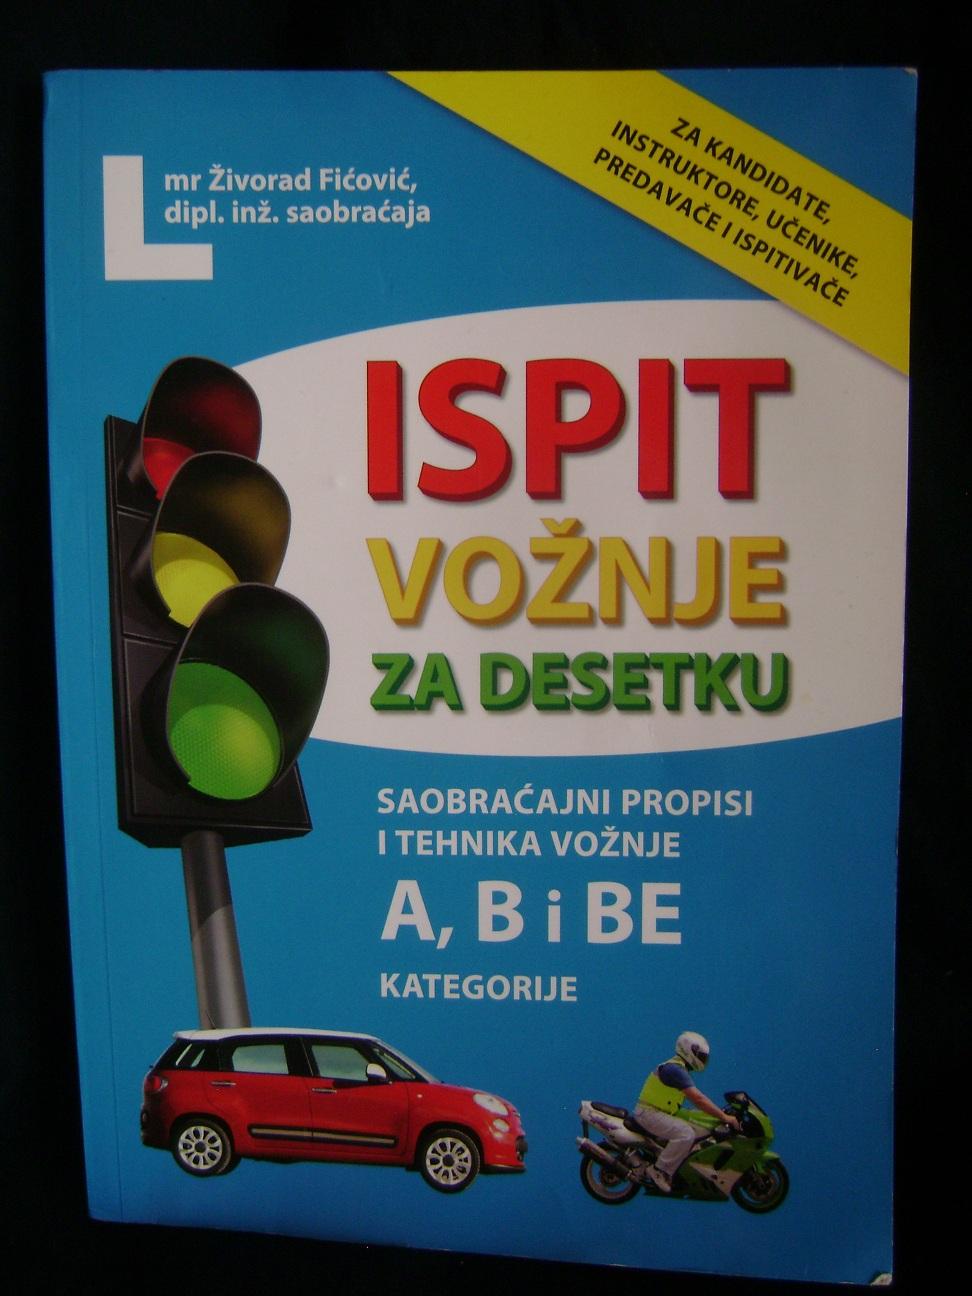 ISPIT_VOŽNJE_ZA_DESETKU_Živorad_Fićović.JPG